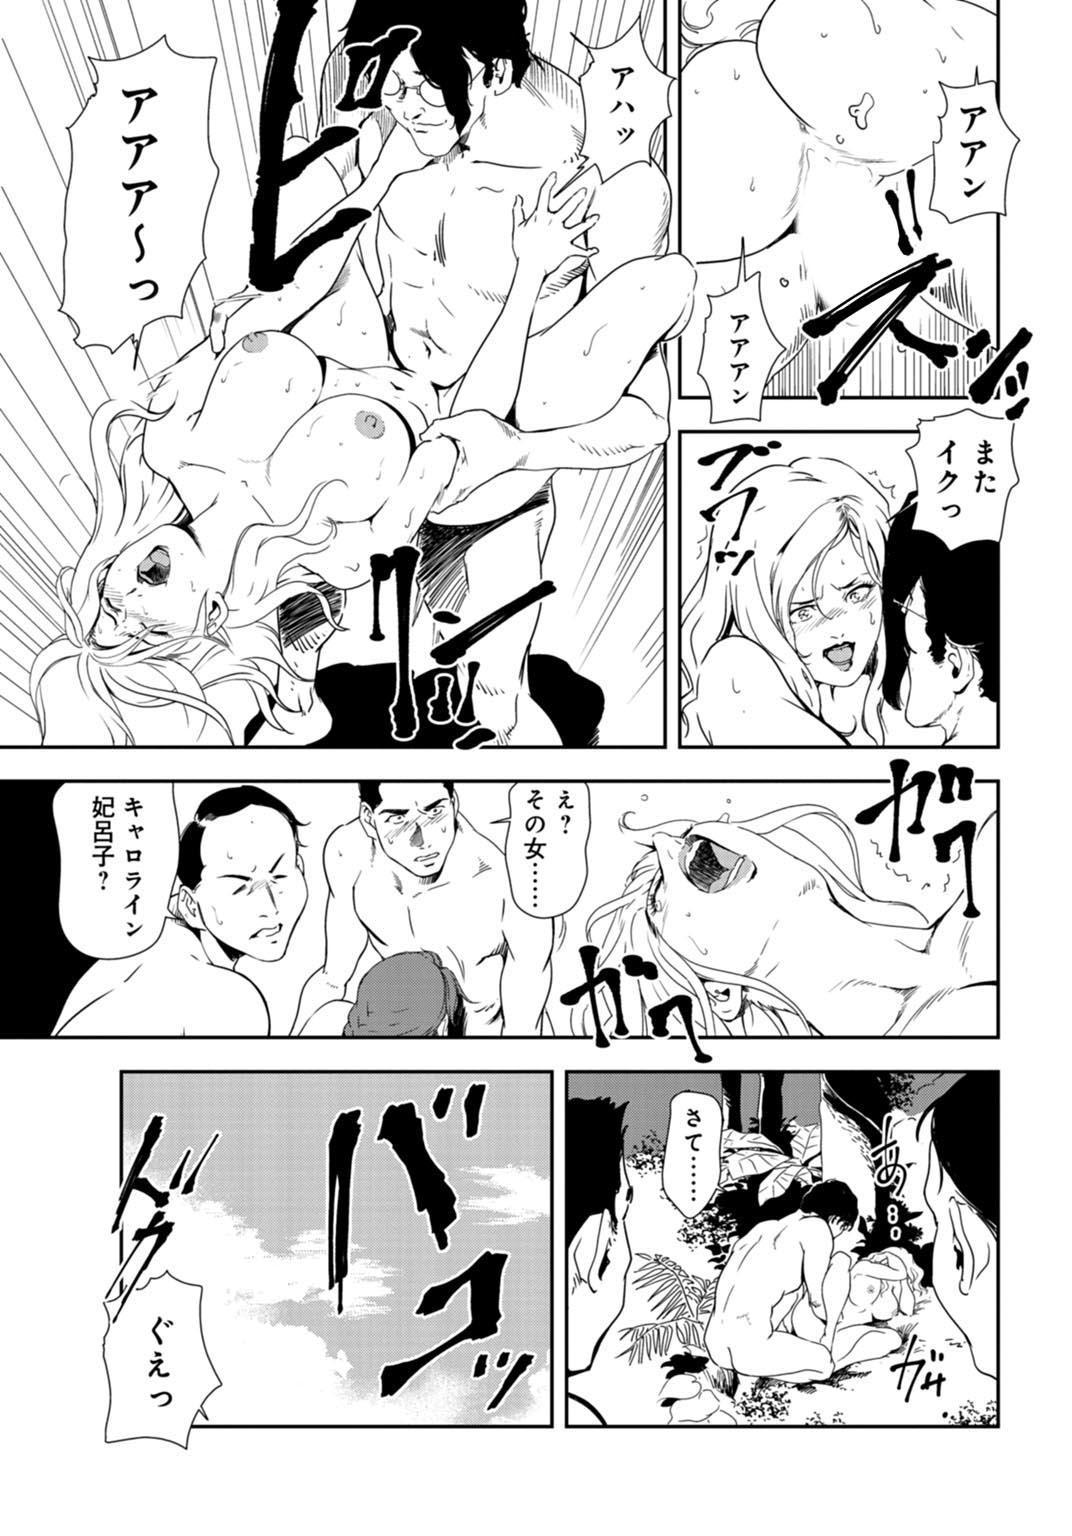 Nikuhisyo Yukiko 27 35